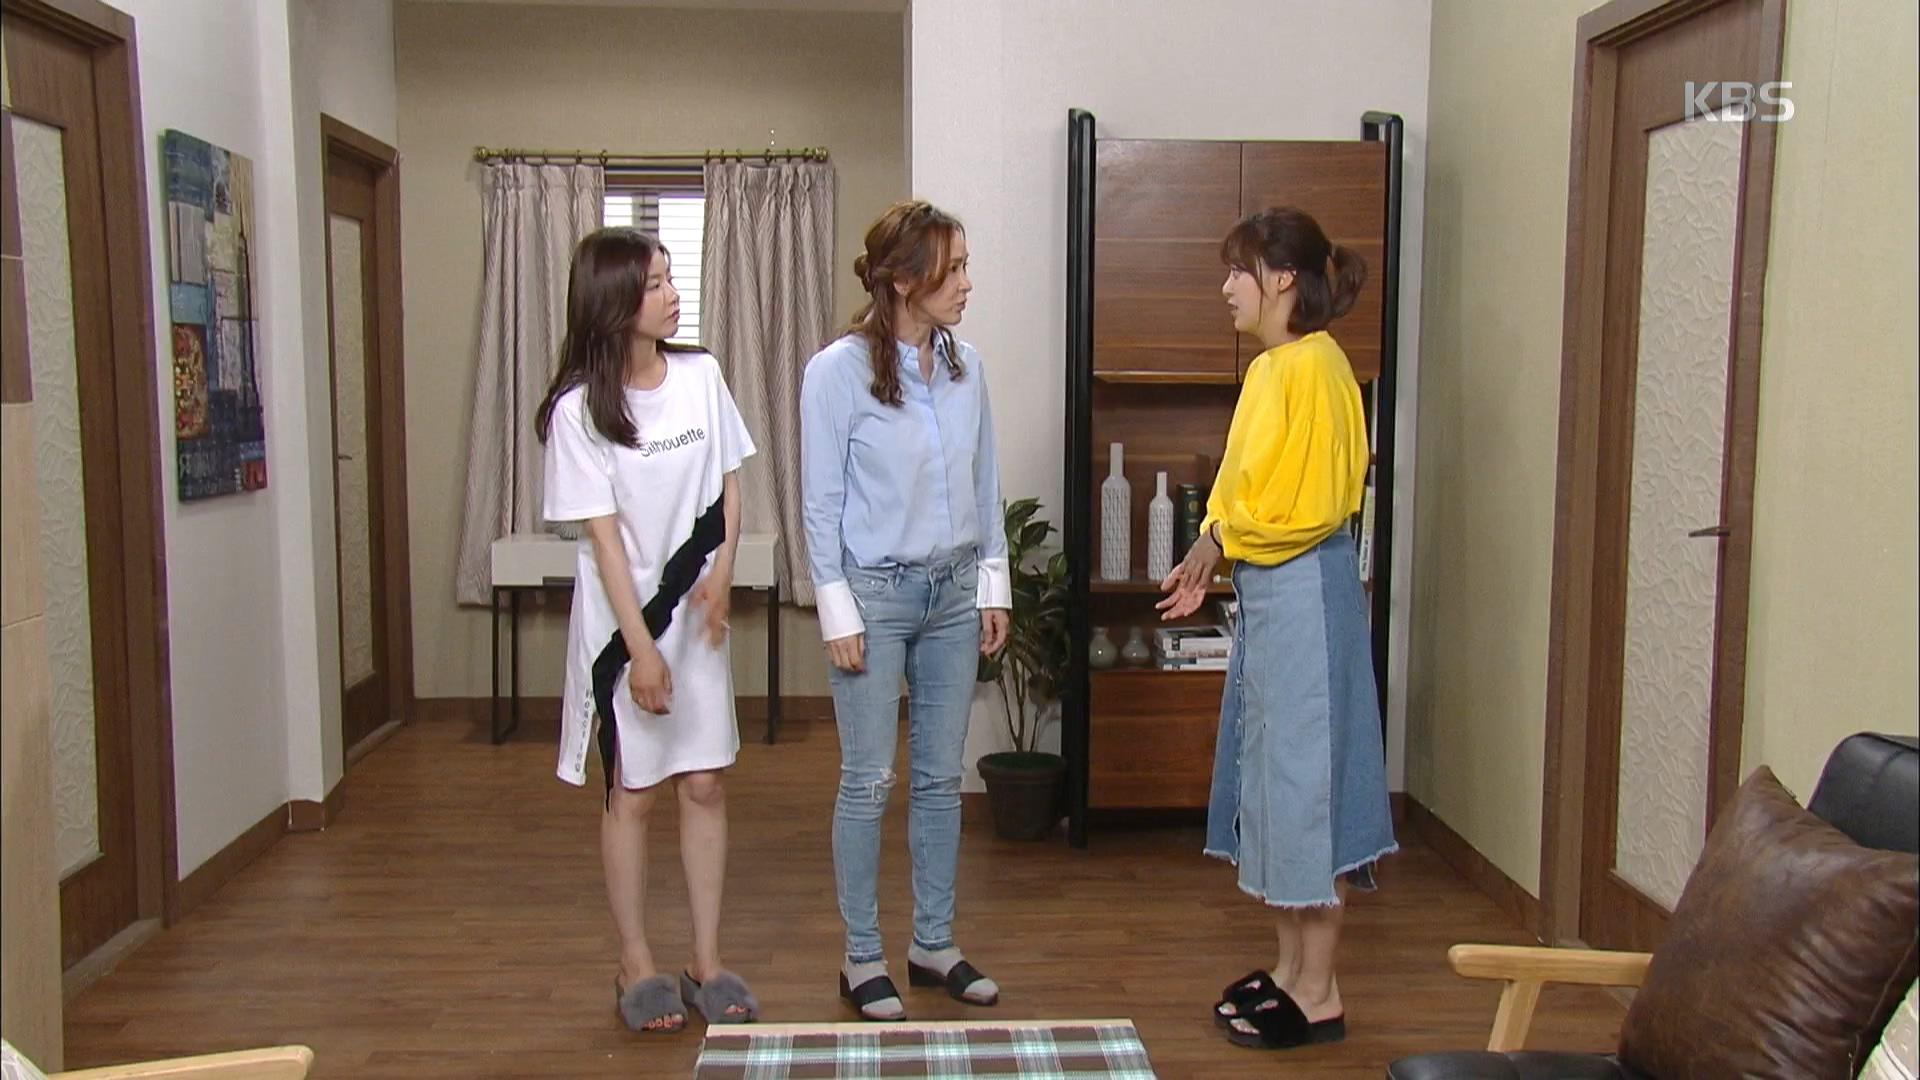 이영은박하나김도연, 이종남배슬기를 위한 세 여자의 작당모의!.